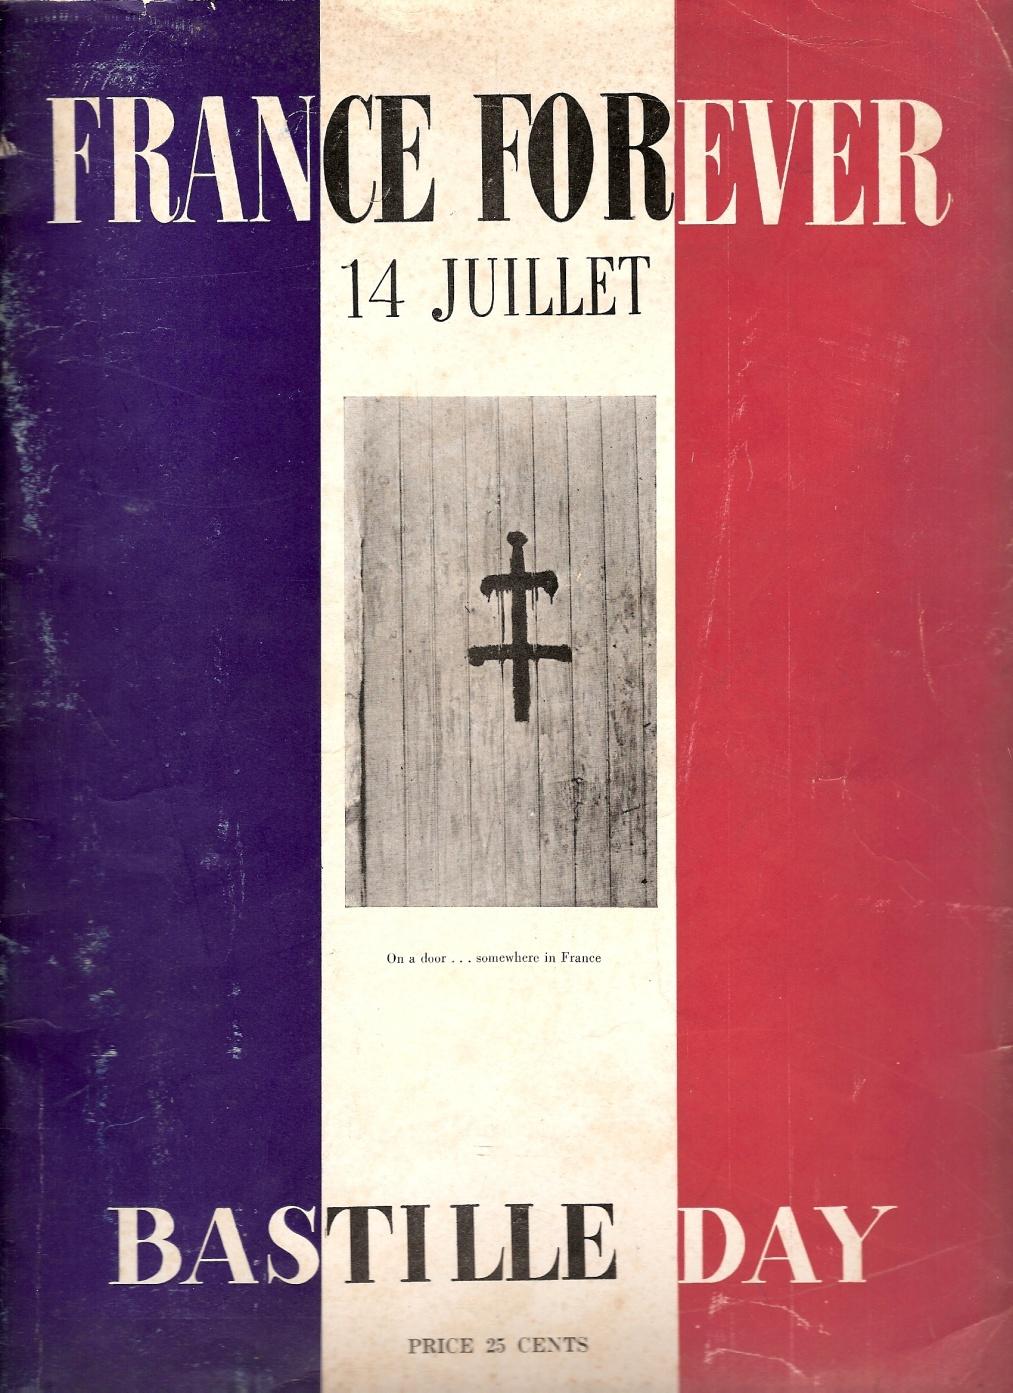 France Forever (14 juillet 1943)